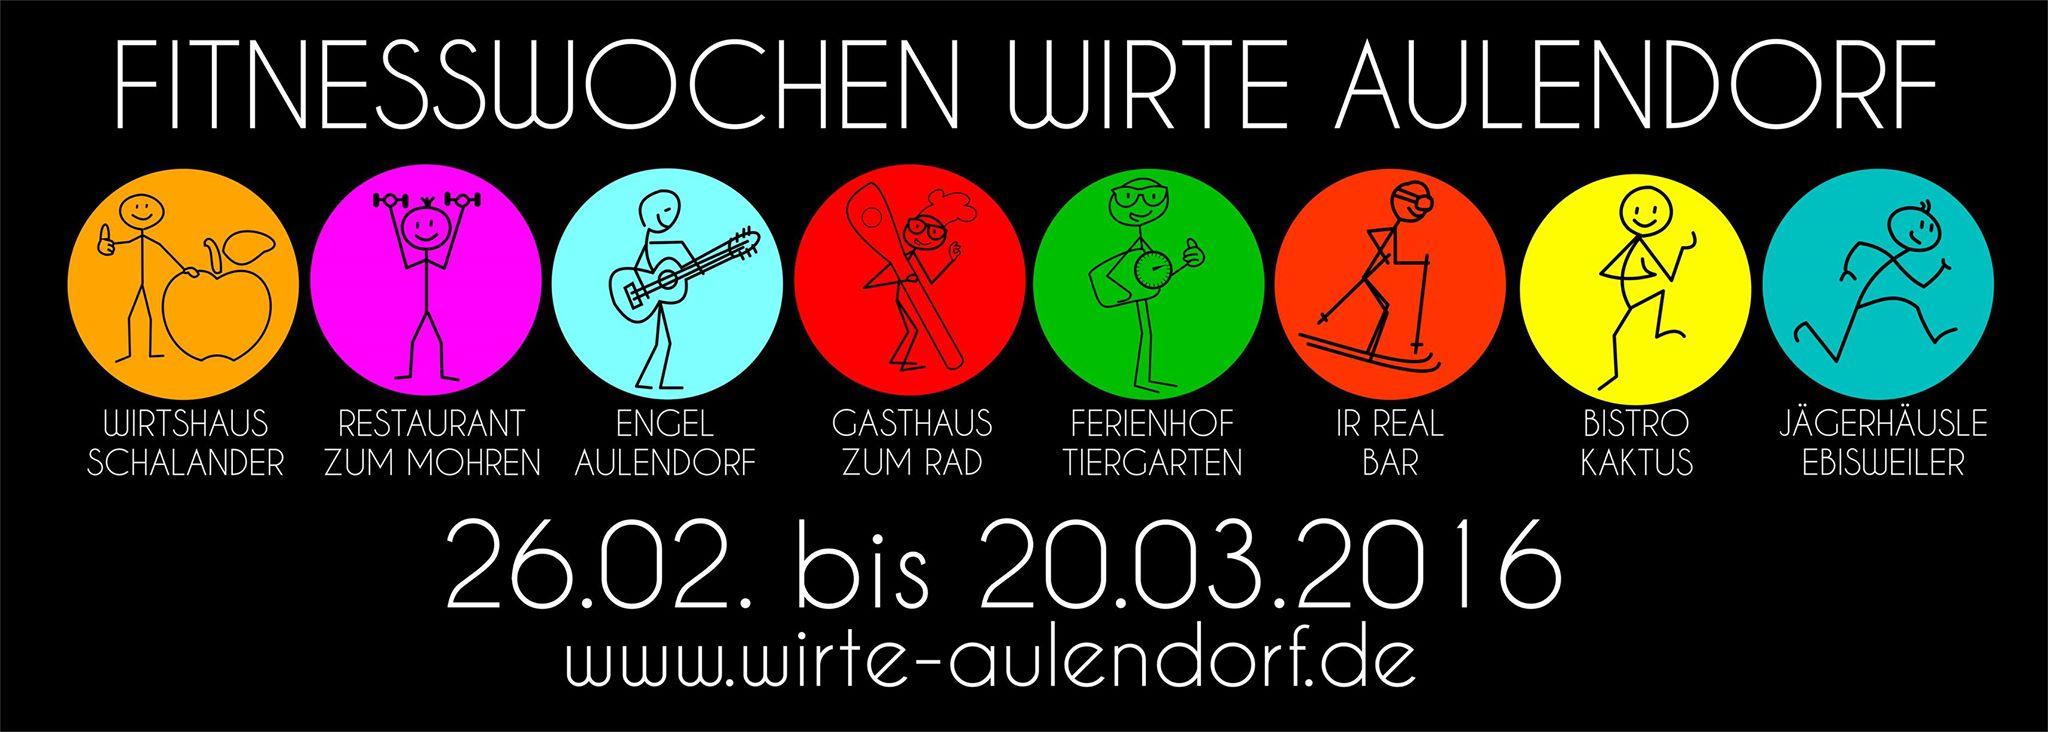 Banner Fitnesswochen Aulendorf 2016